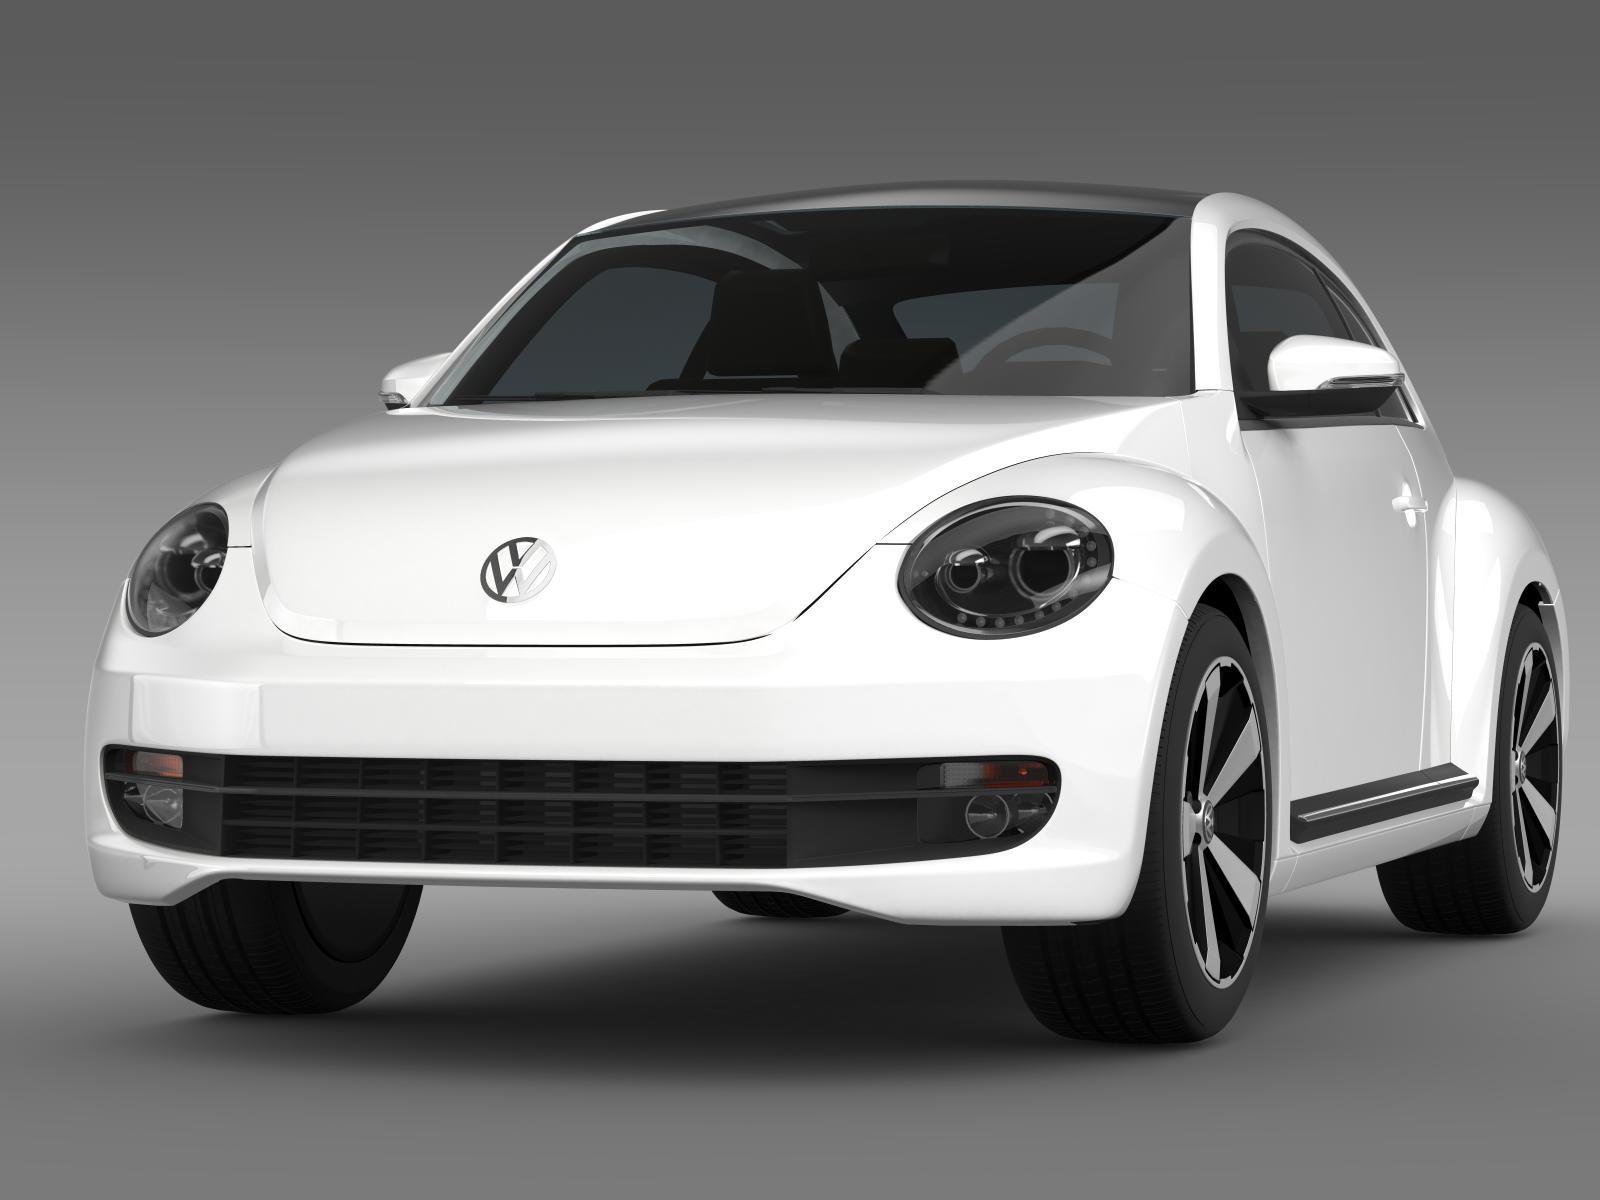 Volkswagen Fusca 3D Model – Buy Volkswagen Fusca 3D Model ...